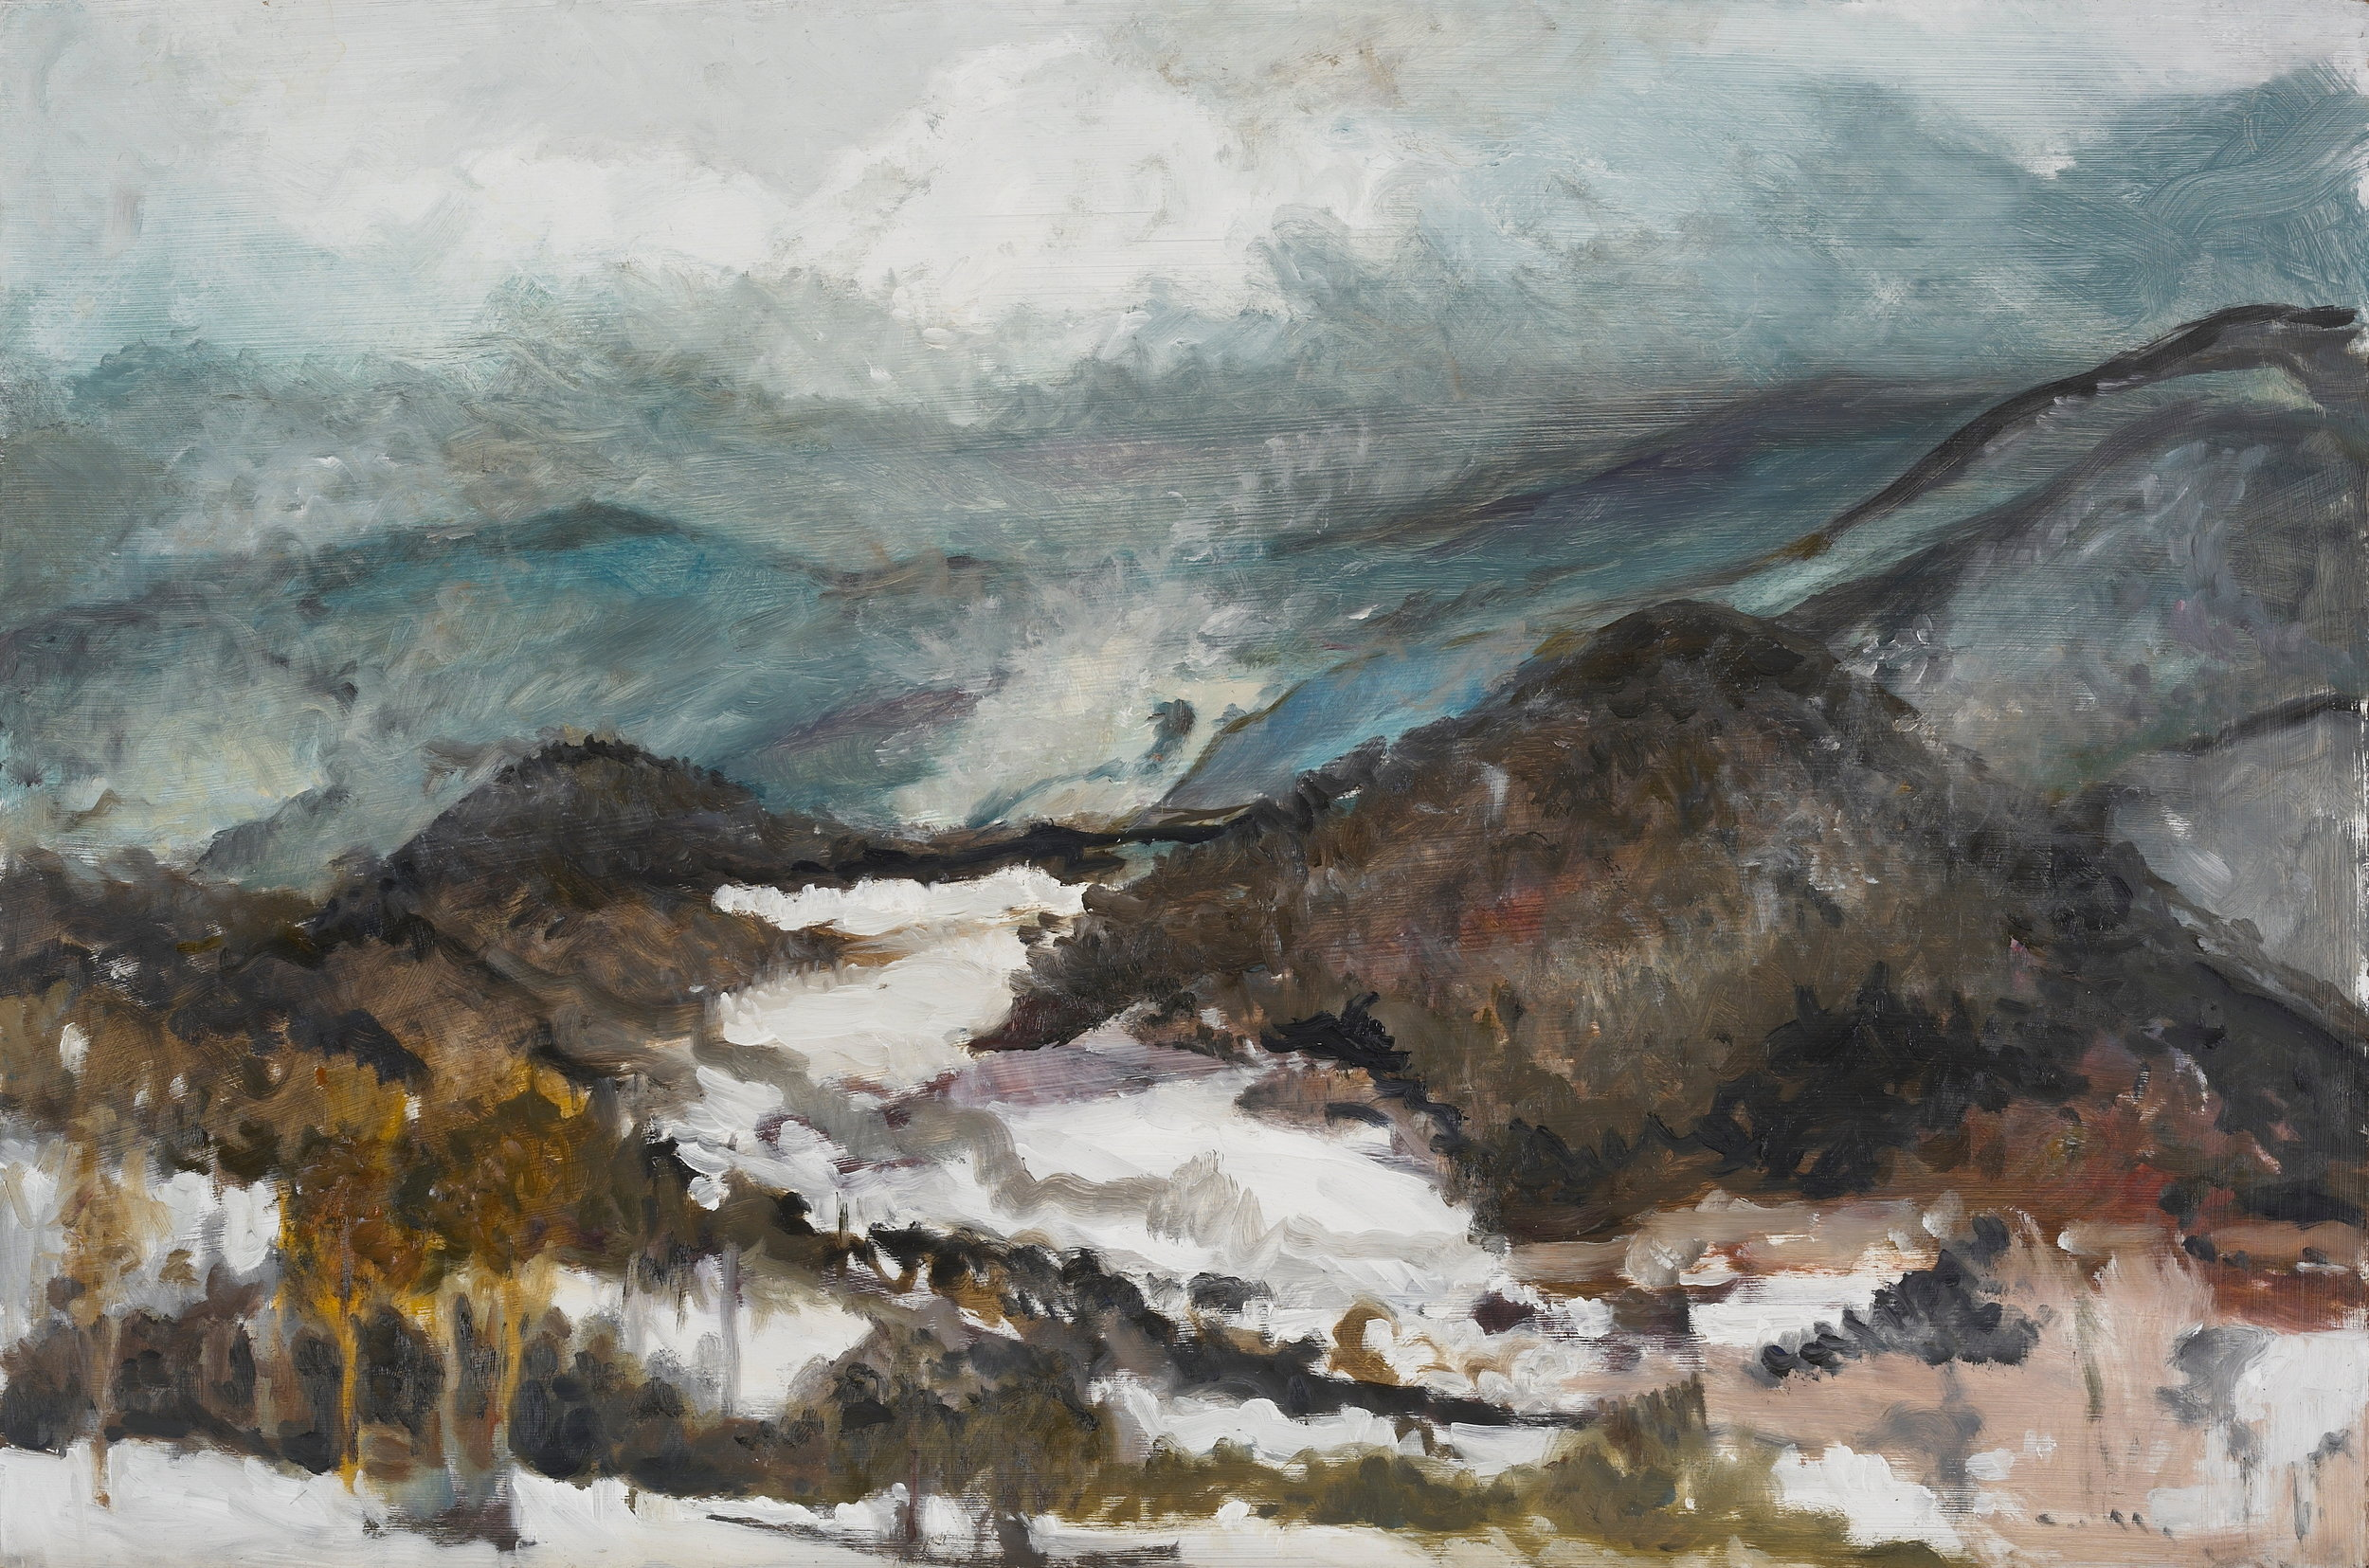 Misty Mountain View  19X14 - Oil on Board